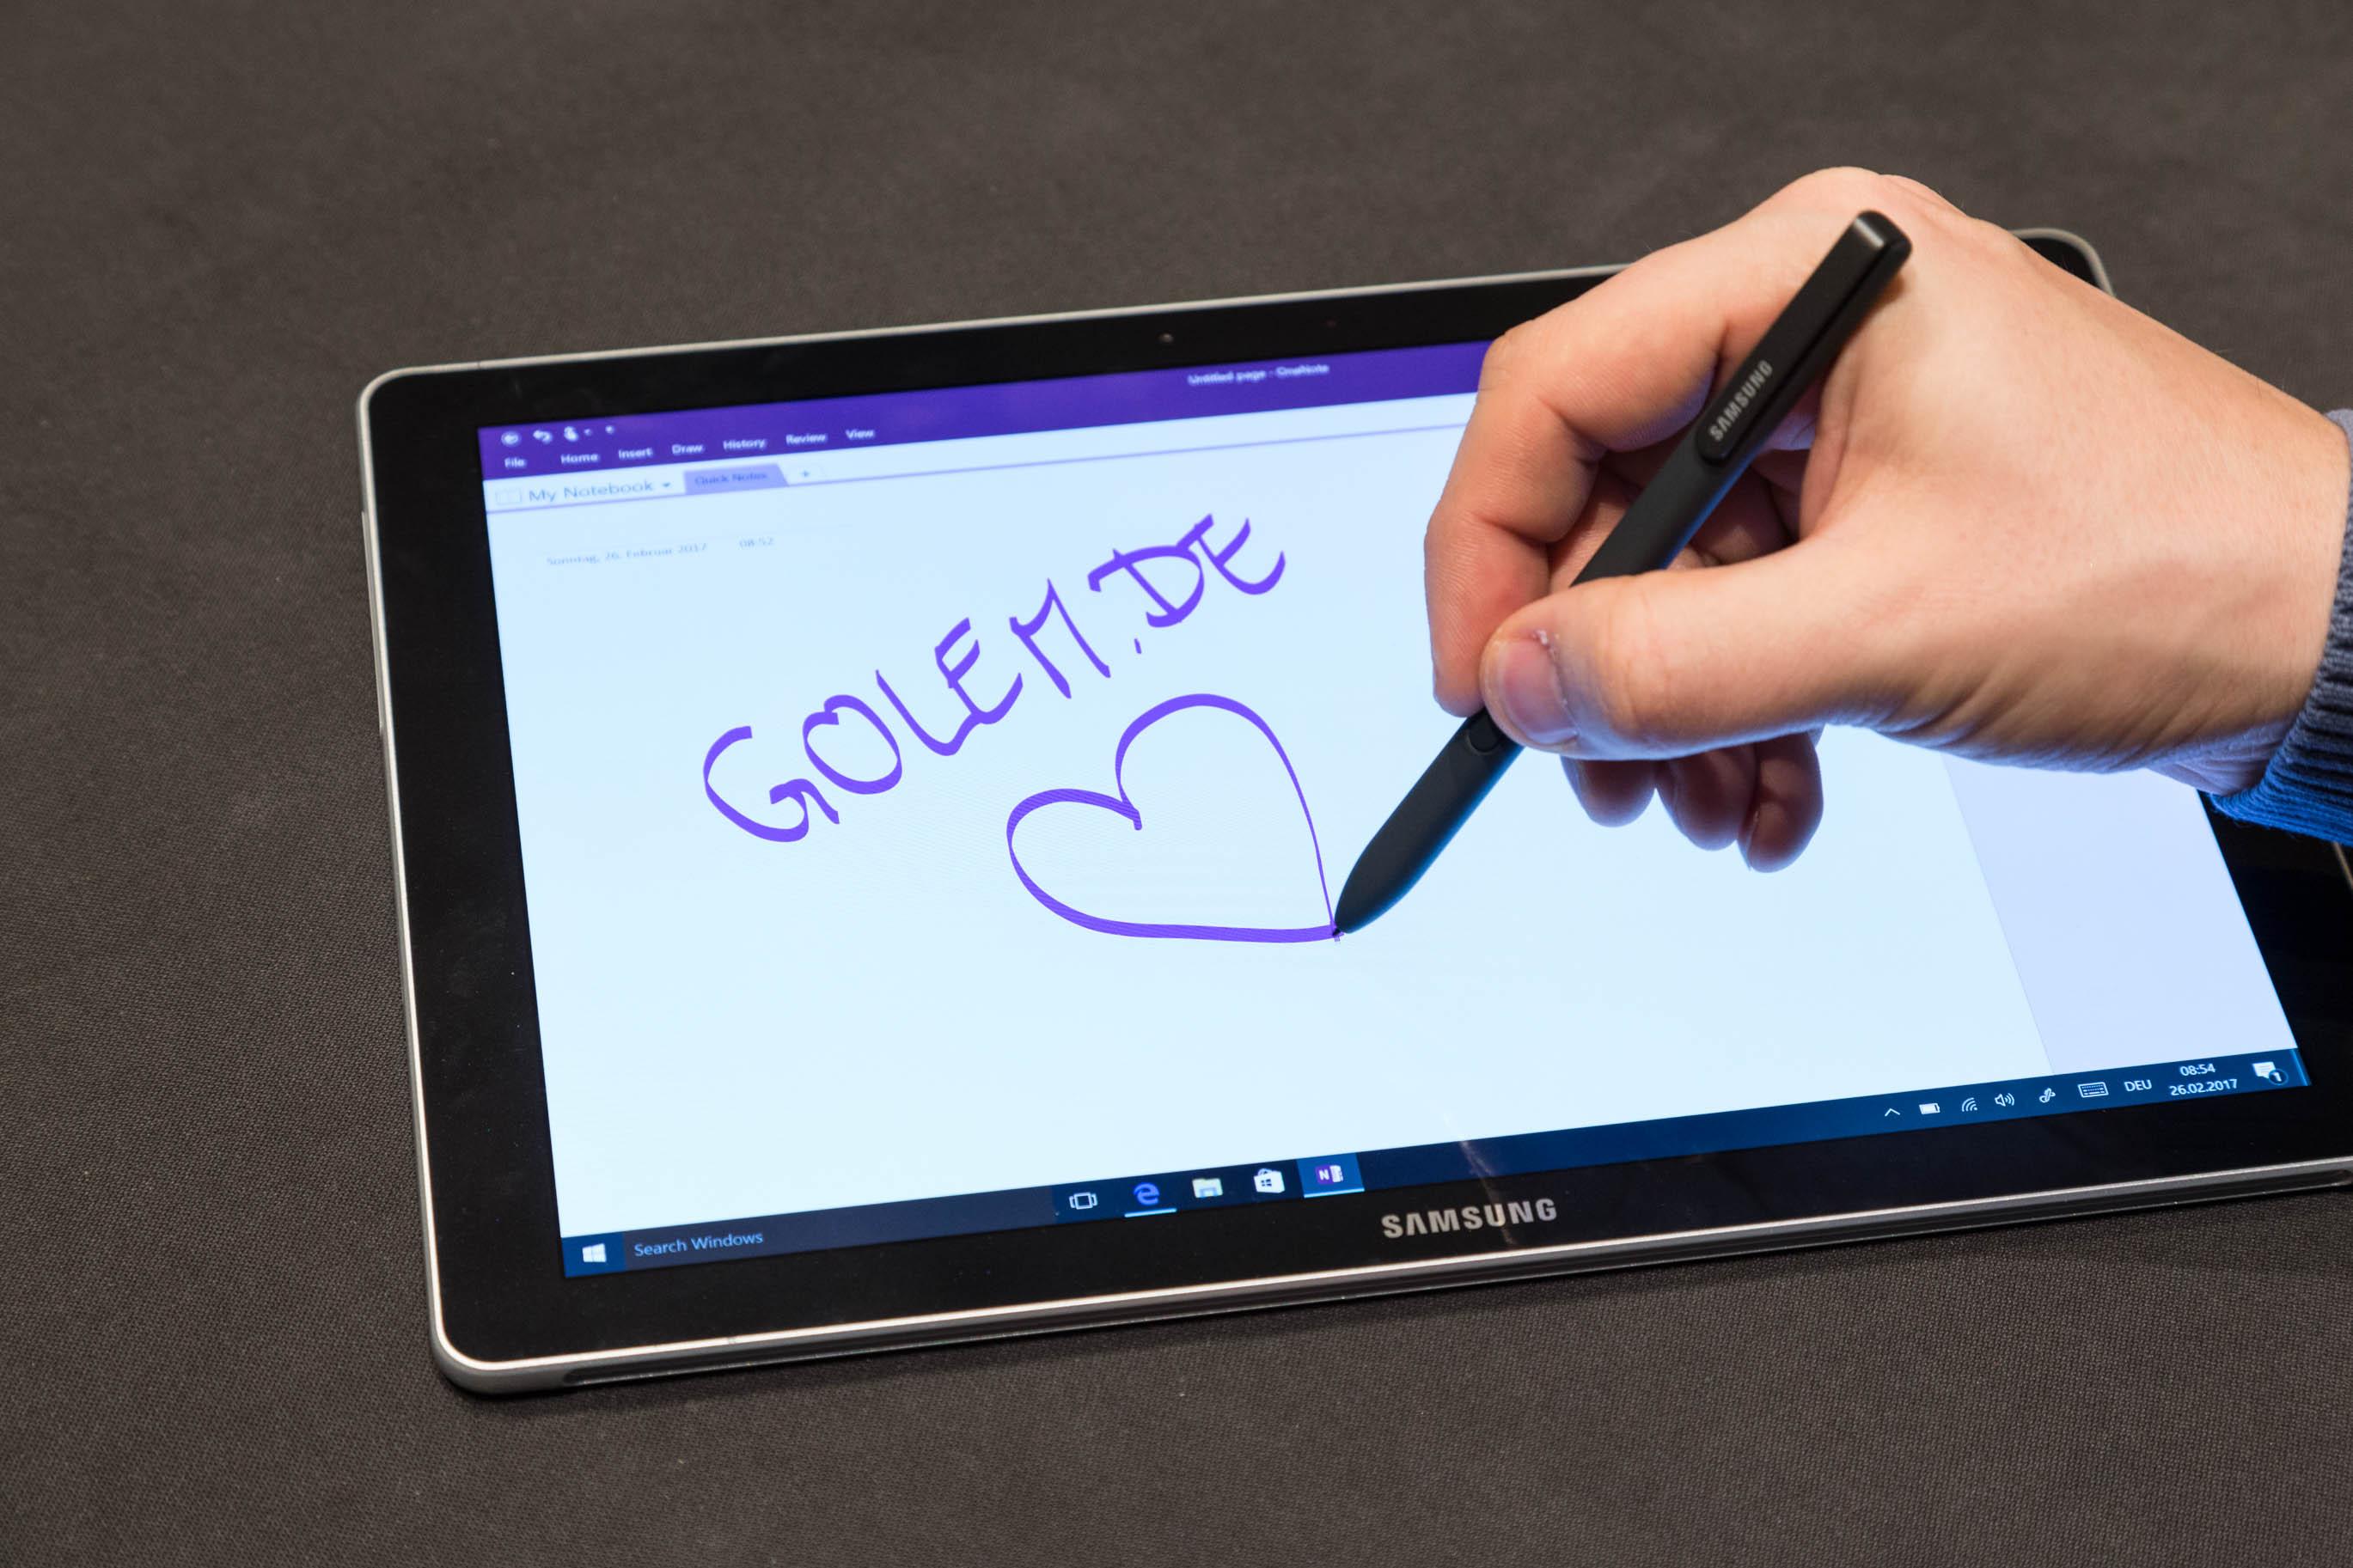 Galaxy Book im Hands on: Samsung bringt neuen 2-in-1-Computer - Mit dem mitgelieferten S Pen lassen sich handschriftliche Notizen und Zeichnungen anfertigen. (Bild: Martin Wolf/Golem.de)